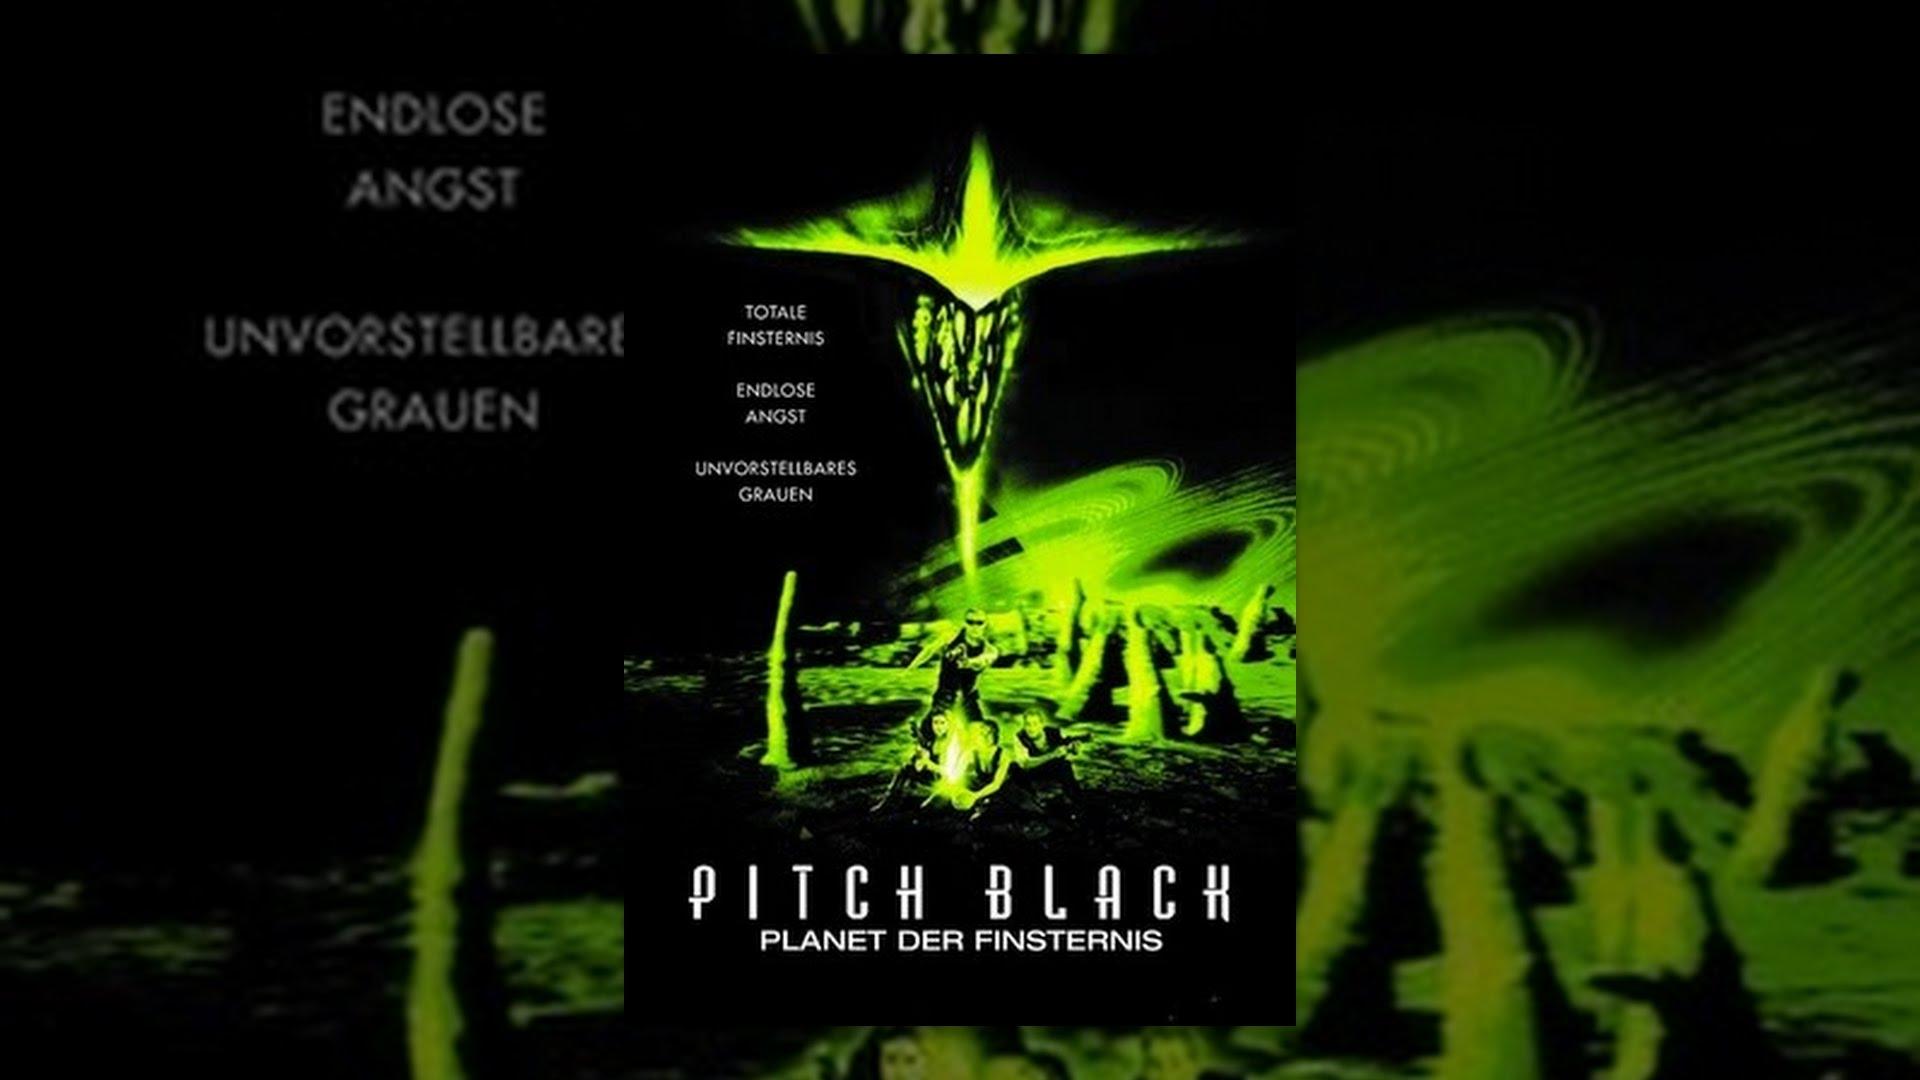 Pitch Black – Planet Der Finsternis